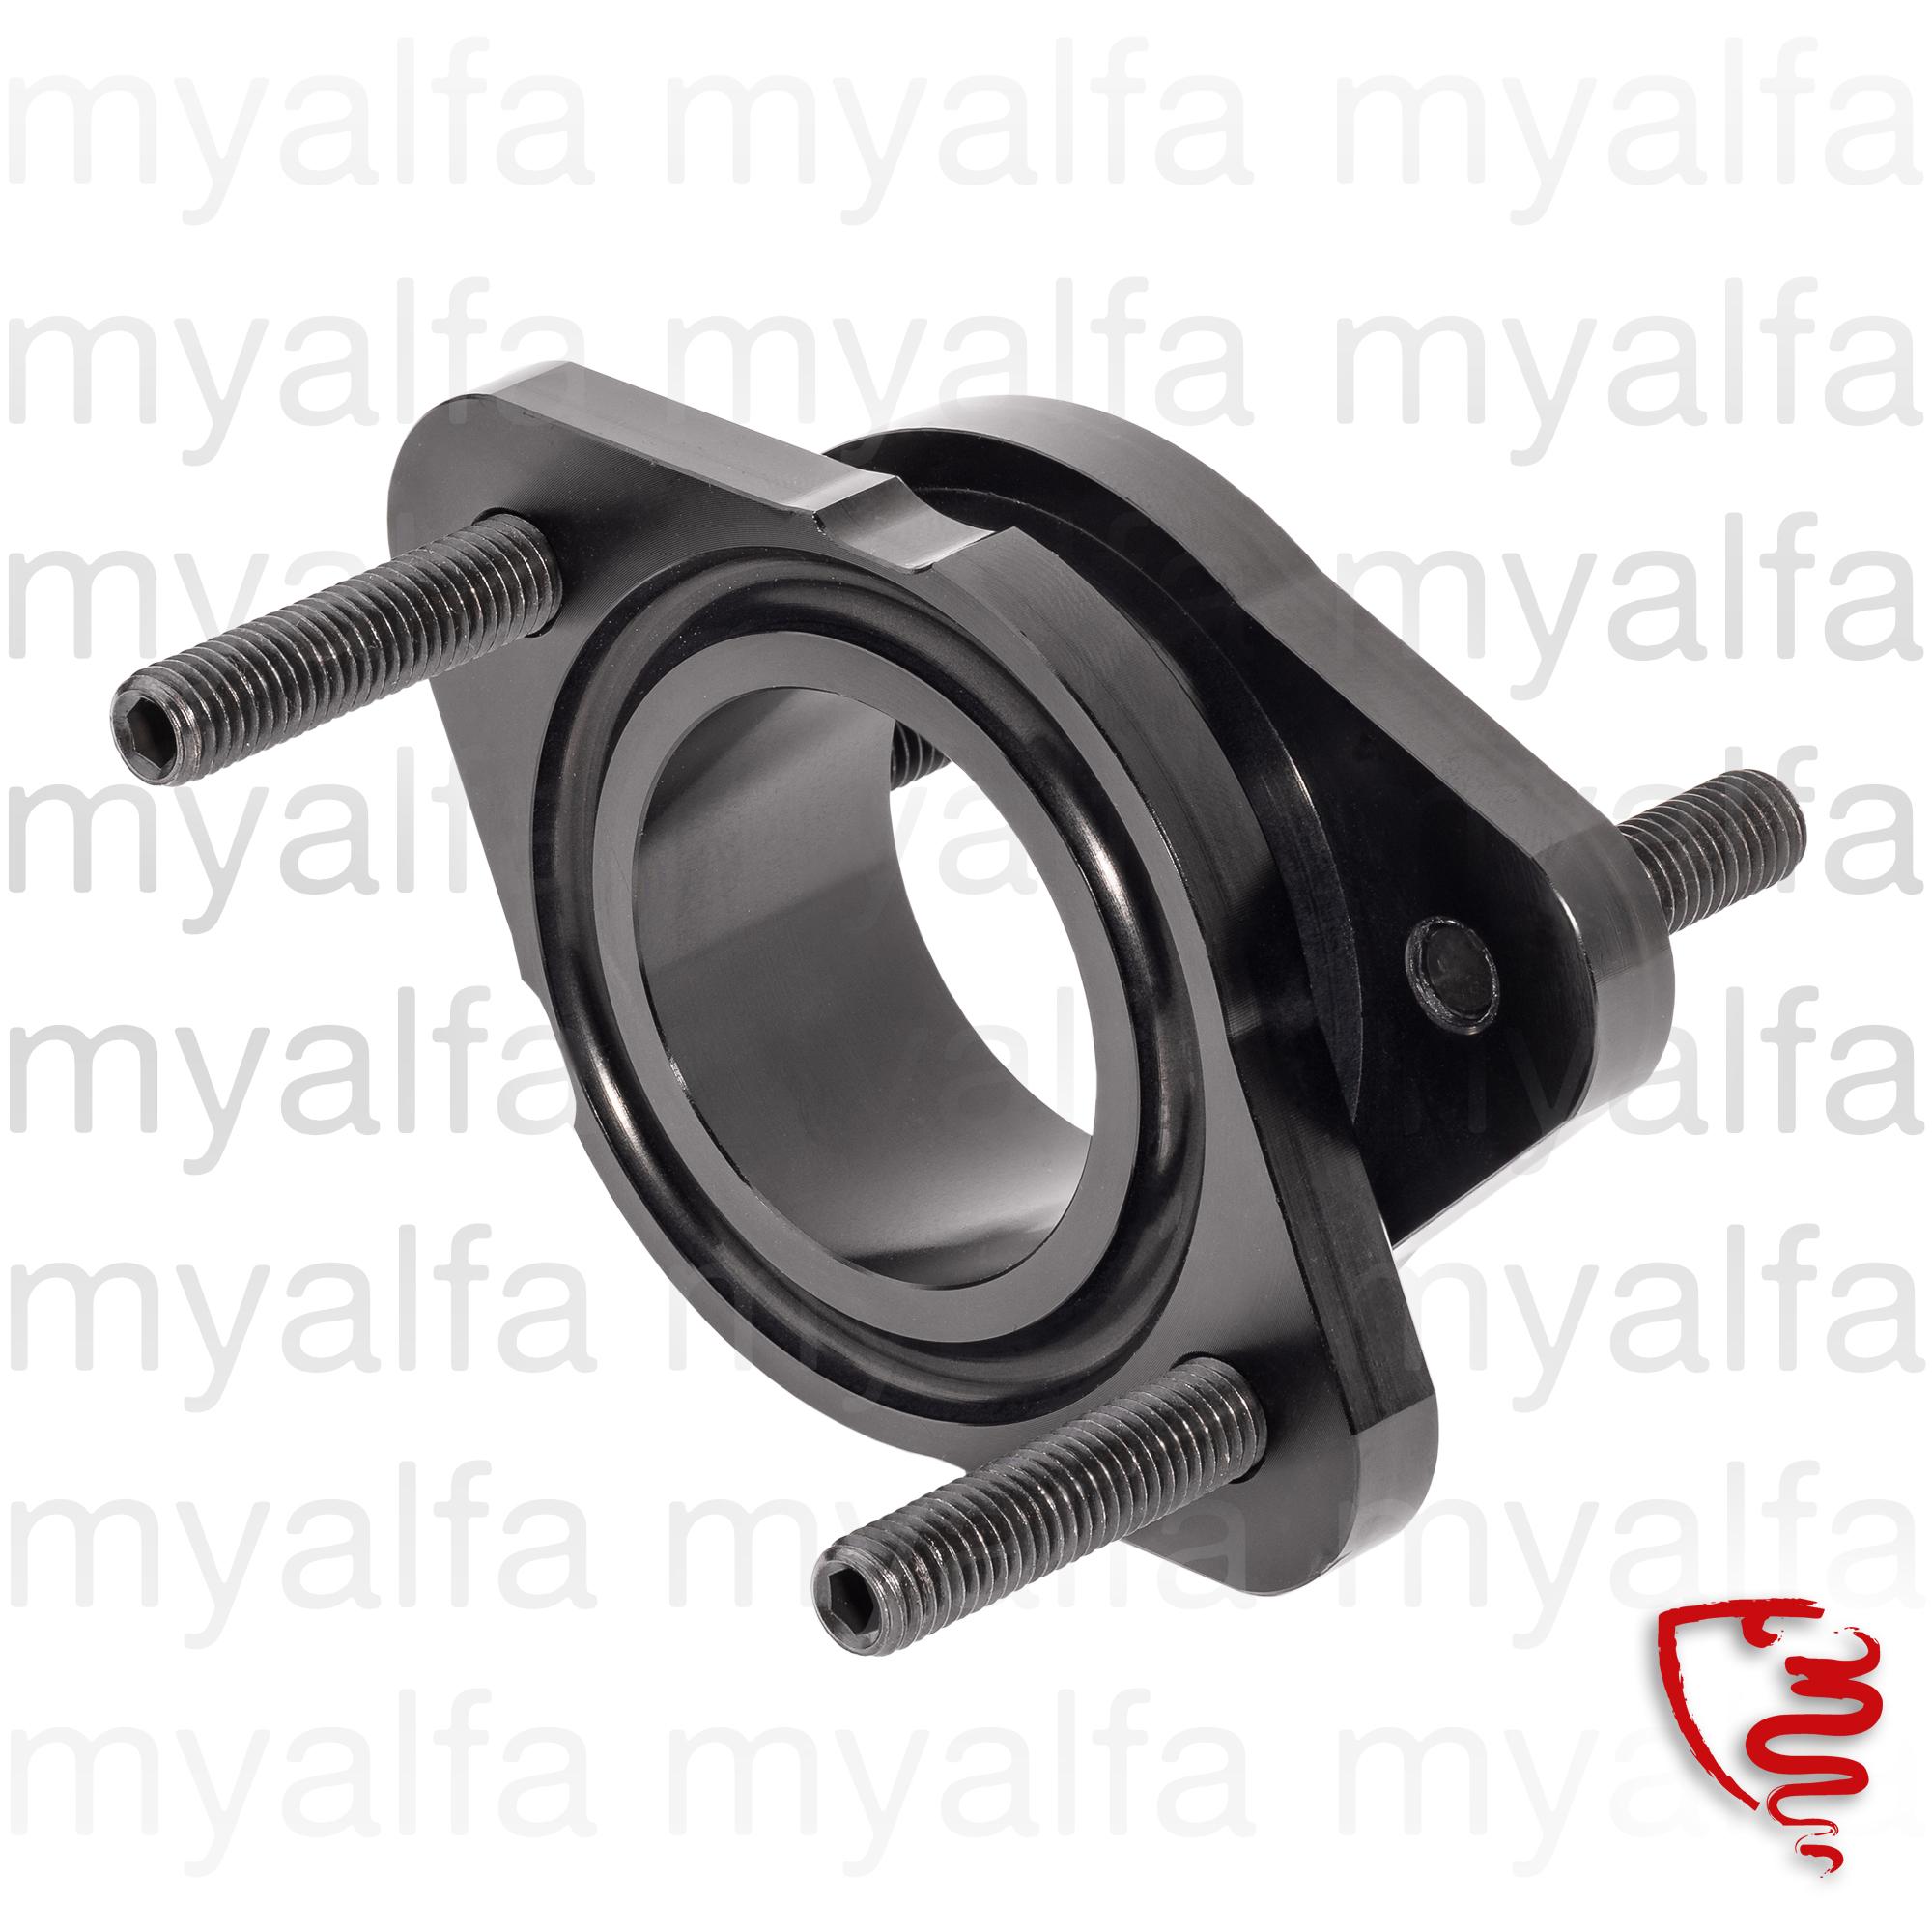 Set carburetor flange aluminum 40MM for 105/115, Fuel system, Carburettors and Parts, Flange & Carburettor mounts 40mm